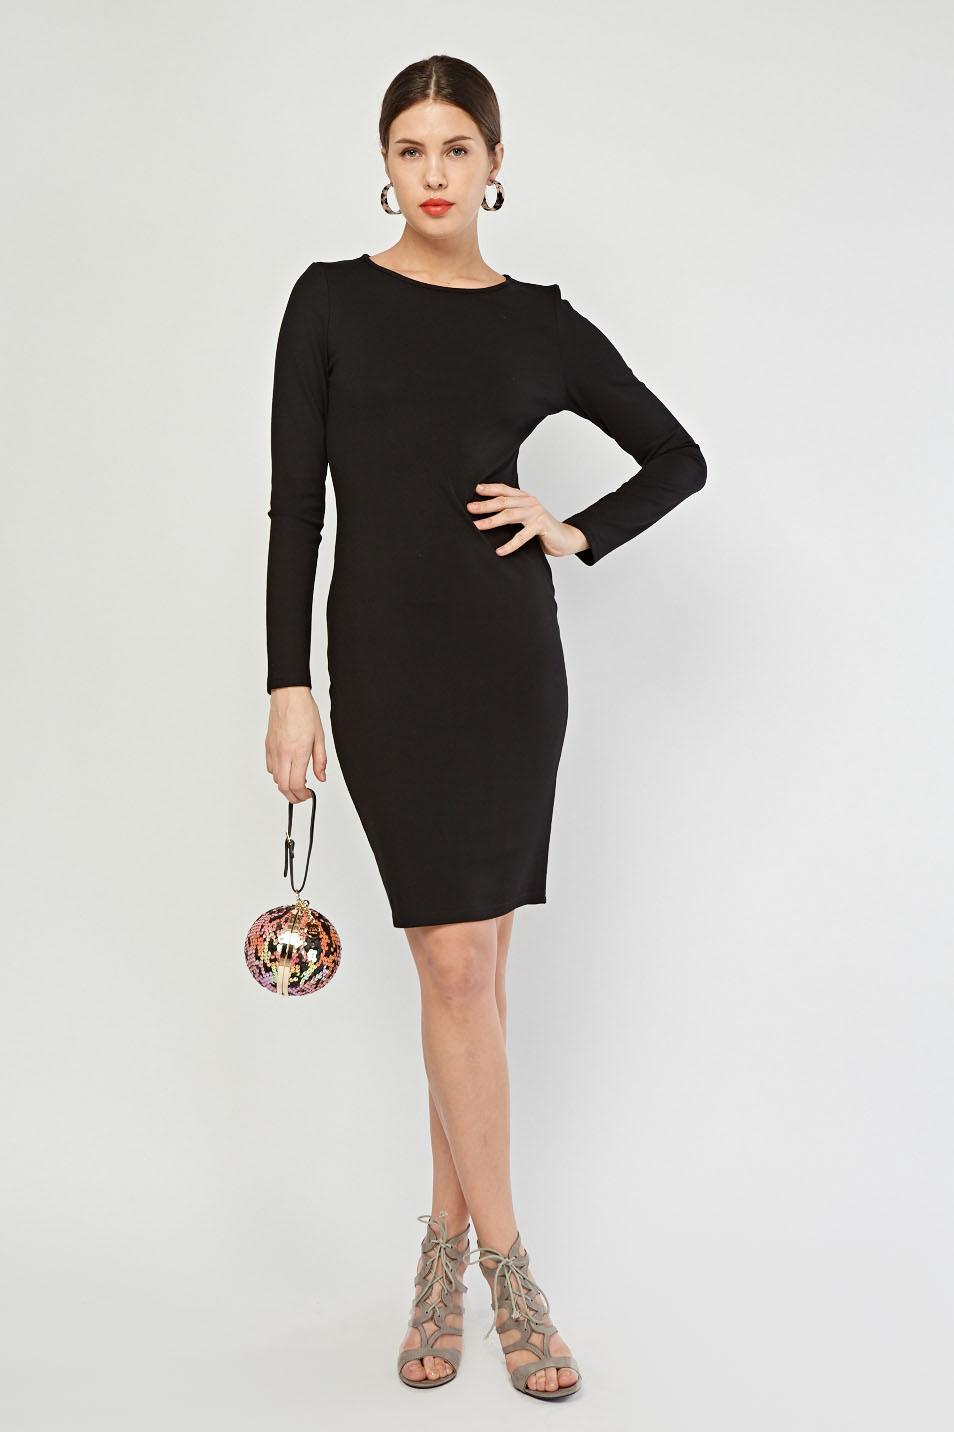 6bccd2153e47 Plain Black Midi Dress - Just £5